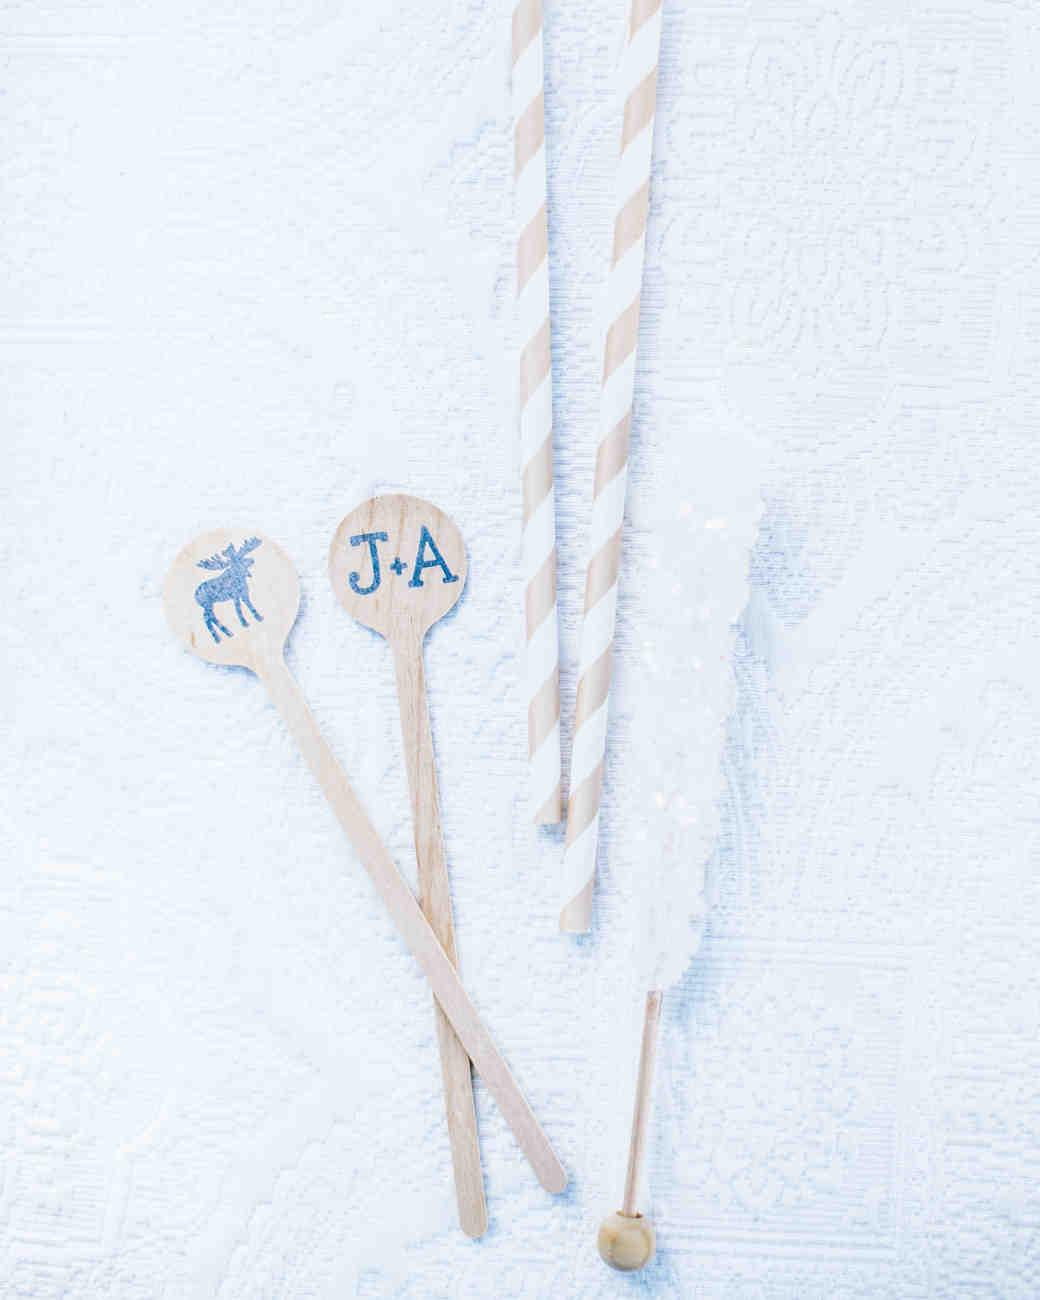 jamie-alex-wedding-cocktailsticks-186-s111544-1014.jpg